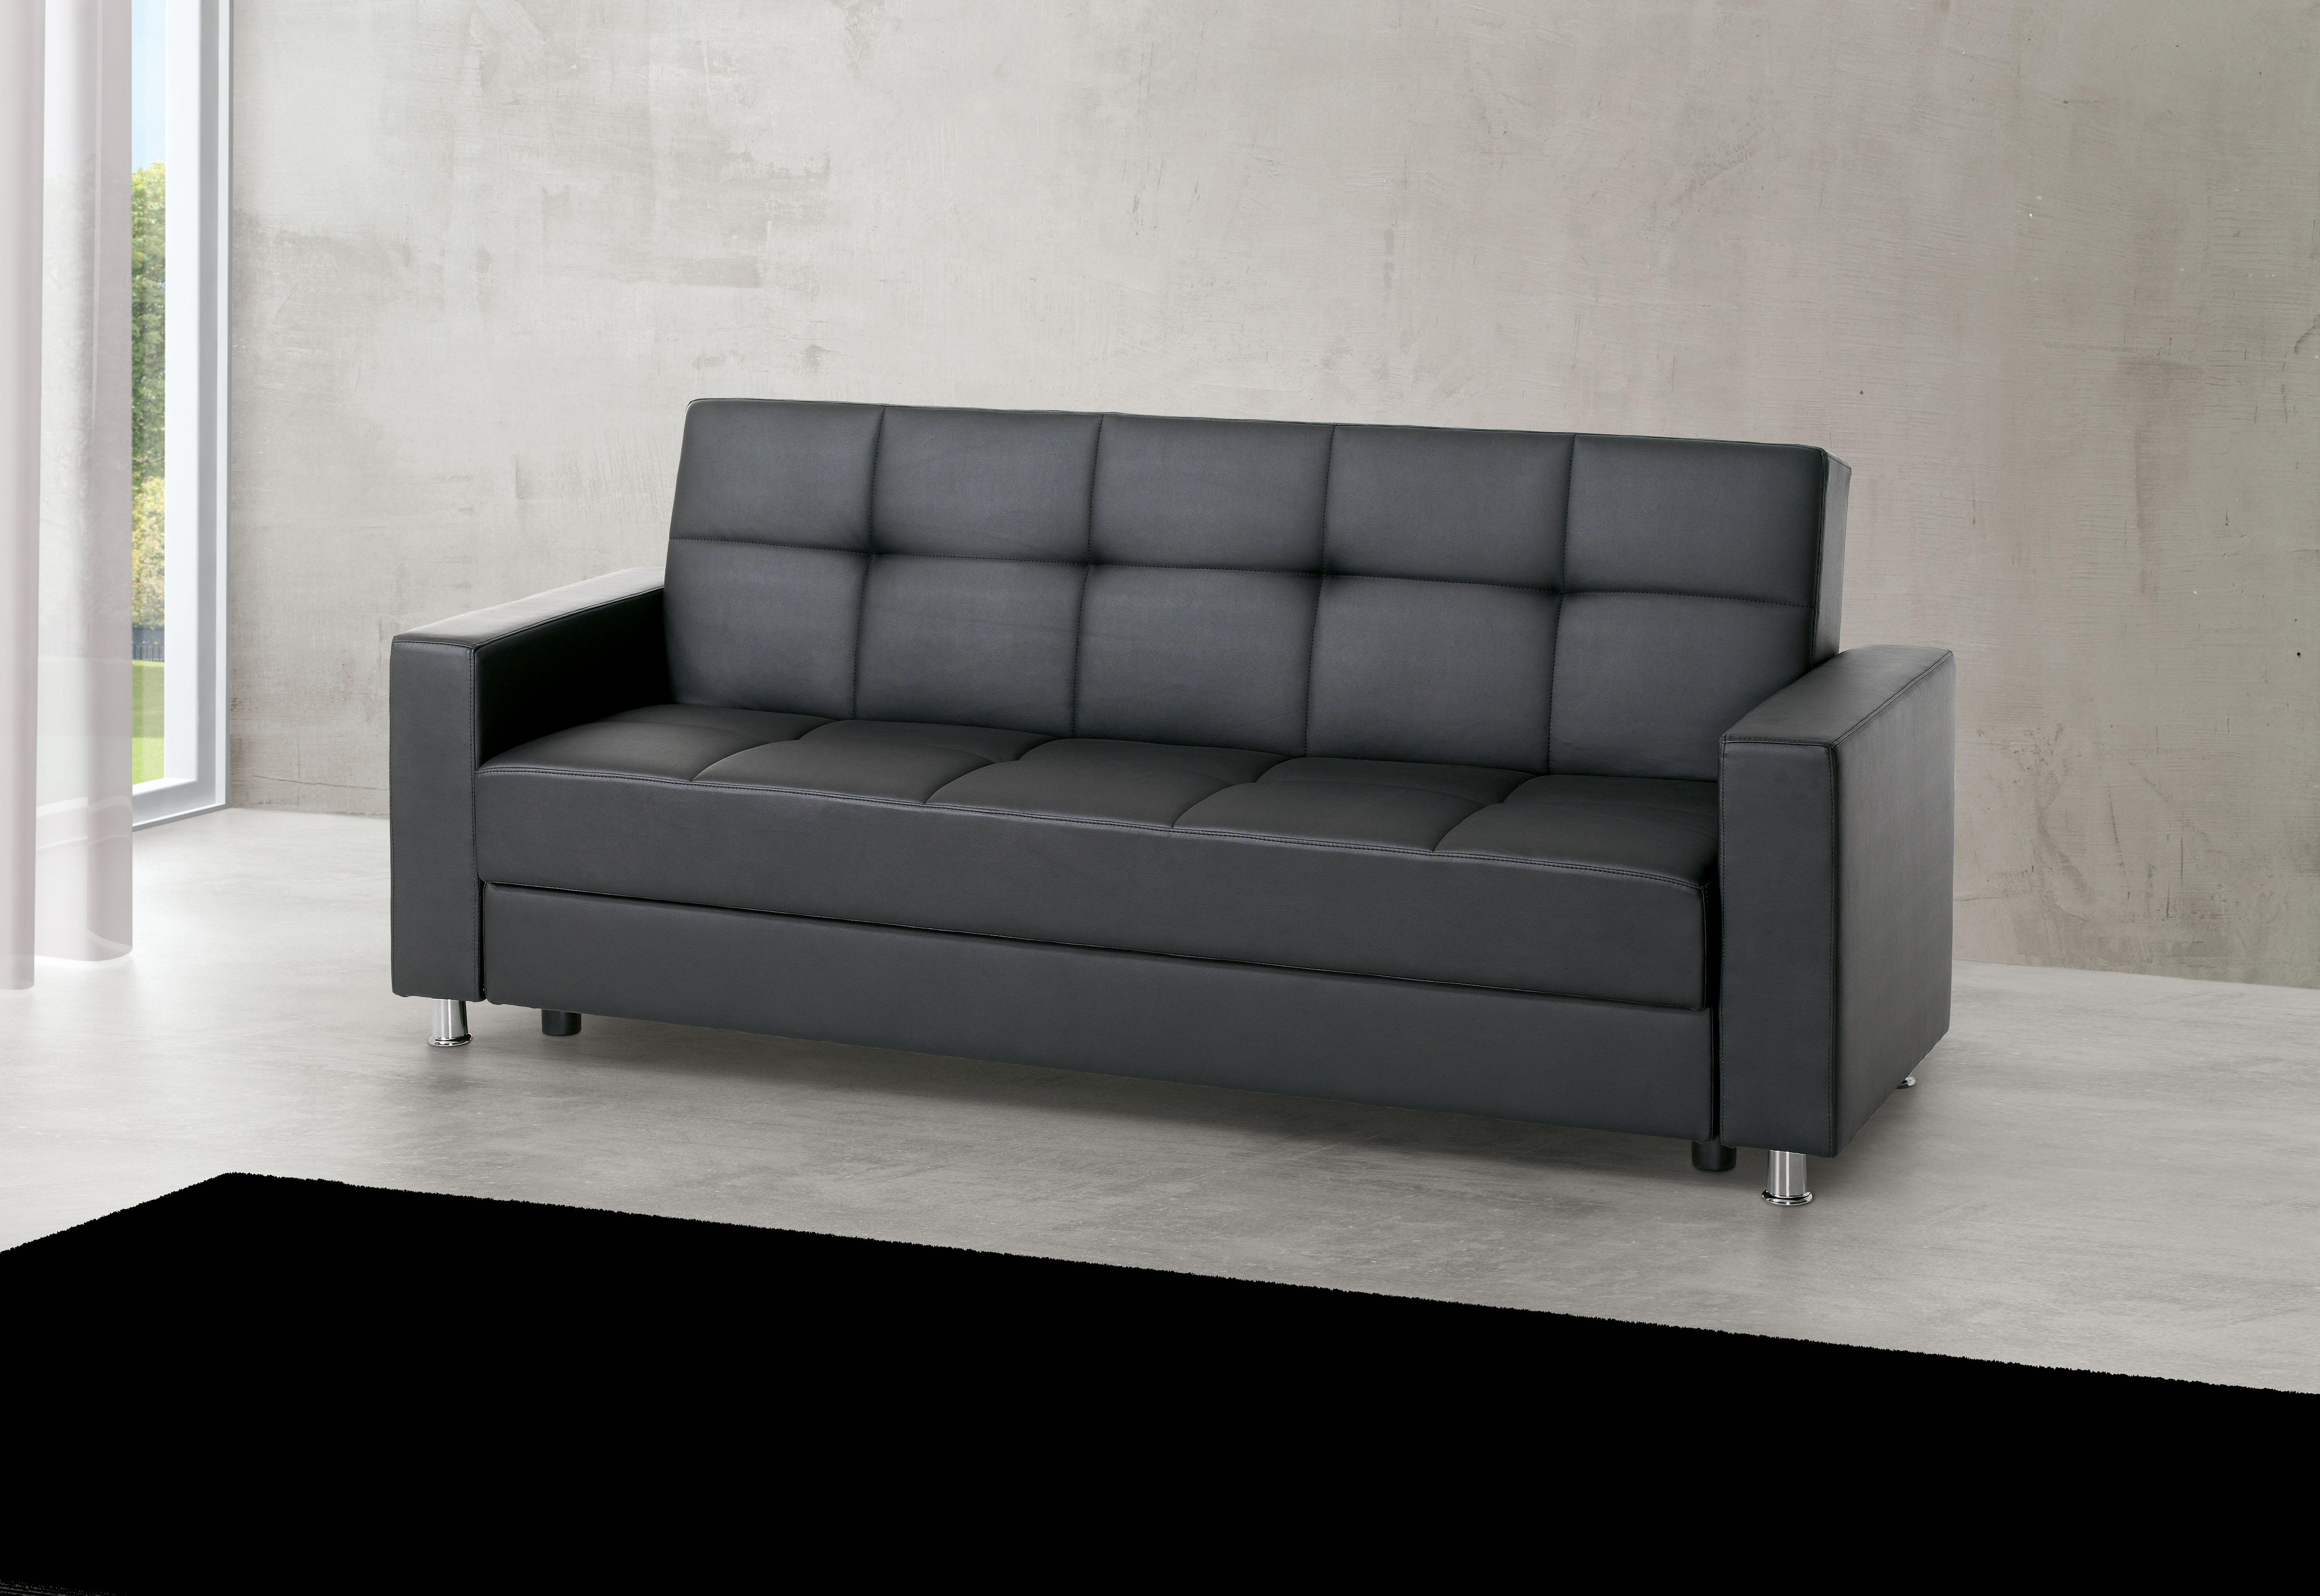 Sof cama kelly mundo do sof - Fotos de sofas cama ...